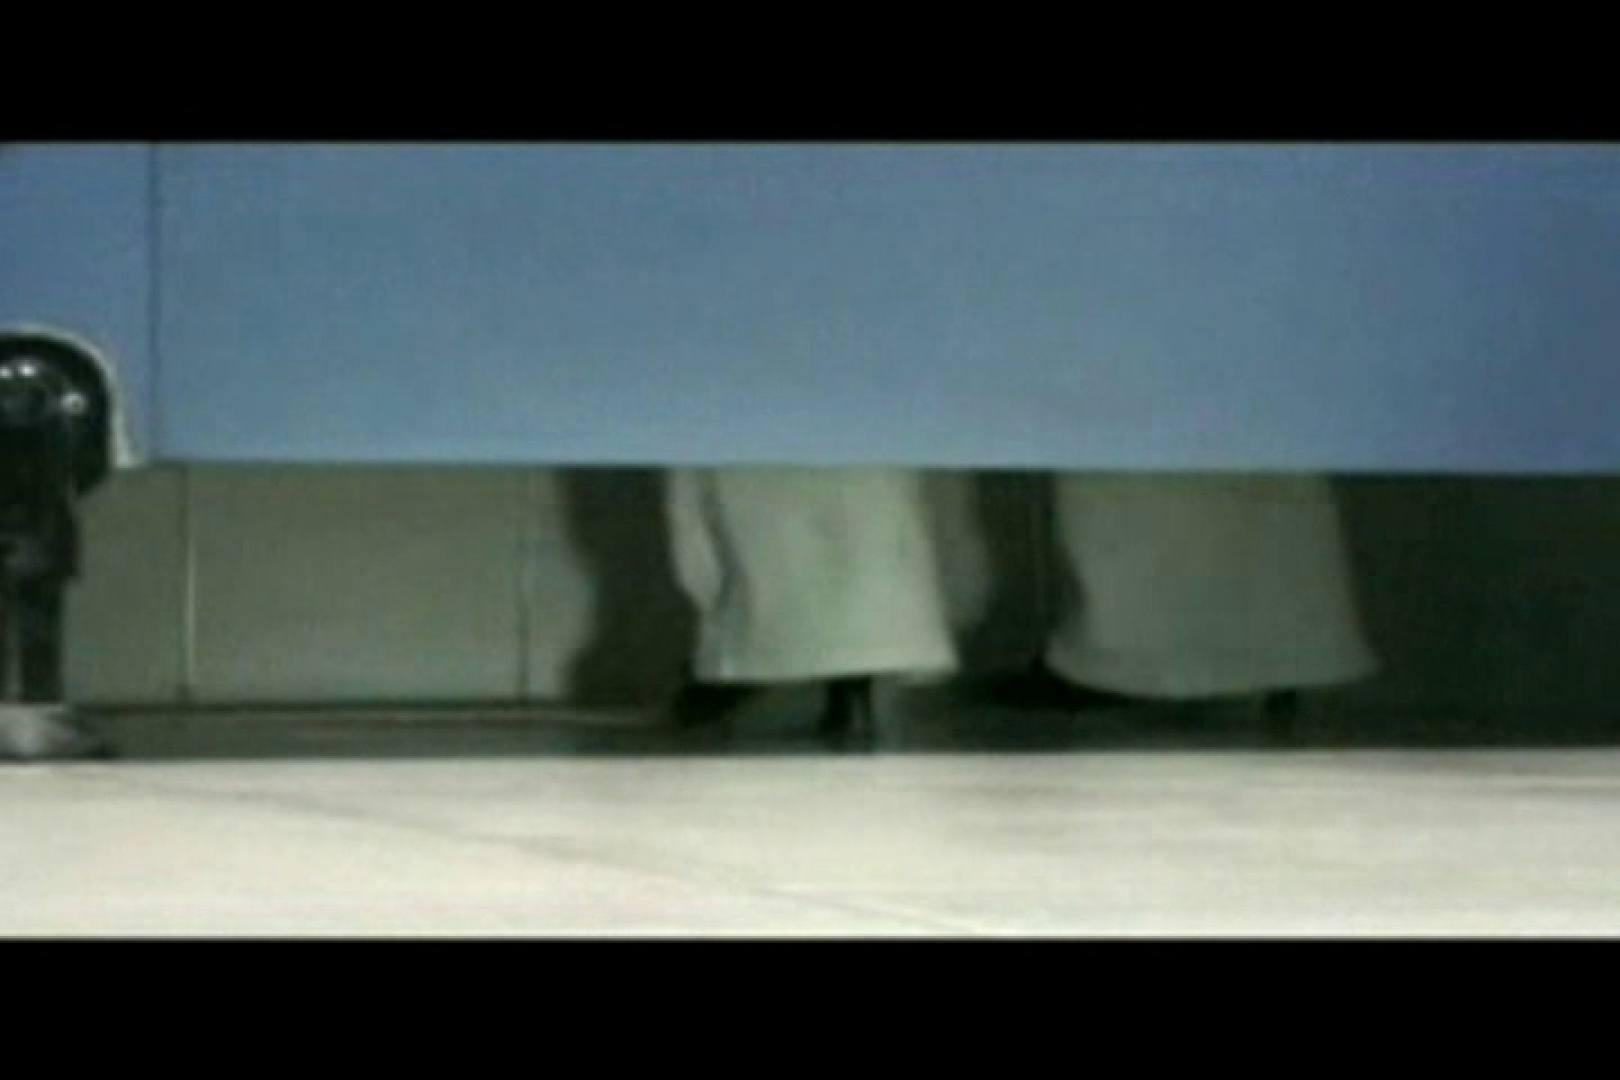 ぼっとん洗面所スペシャルVol.18 洗面所 のぞき濡れ場動画紹介 63PICs 8